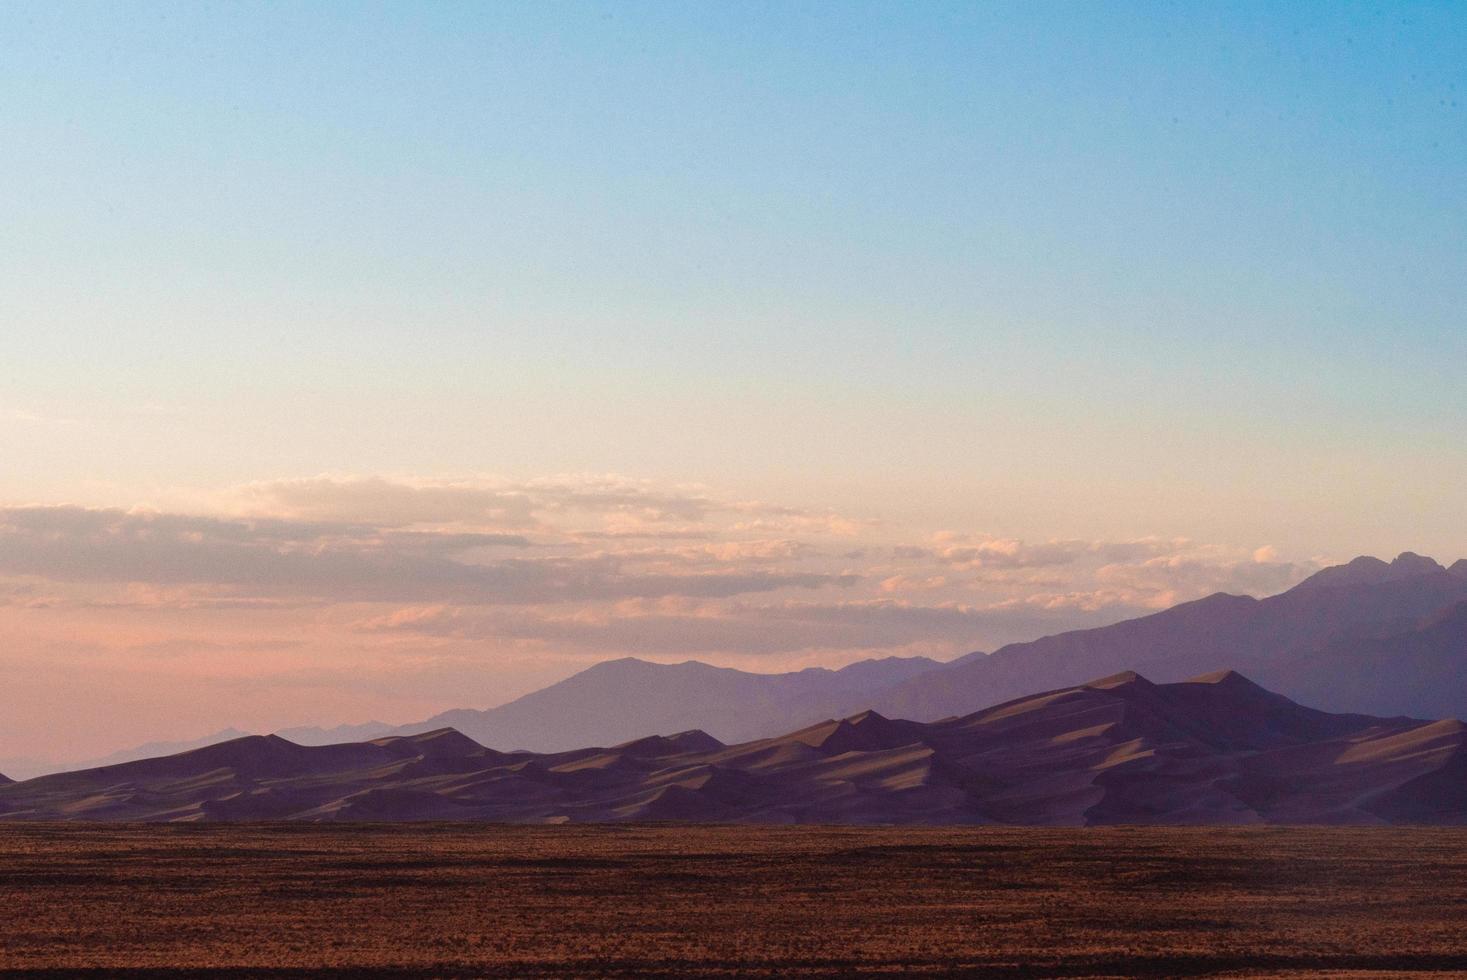 dune di sabbia al tramonto foto